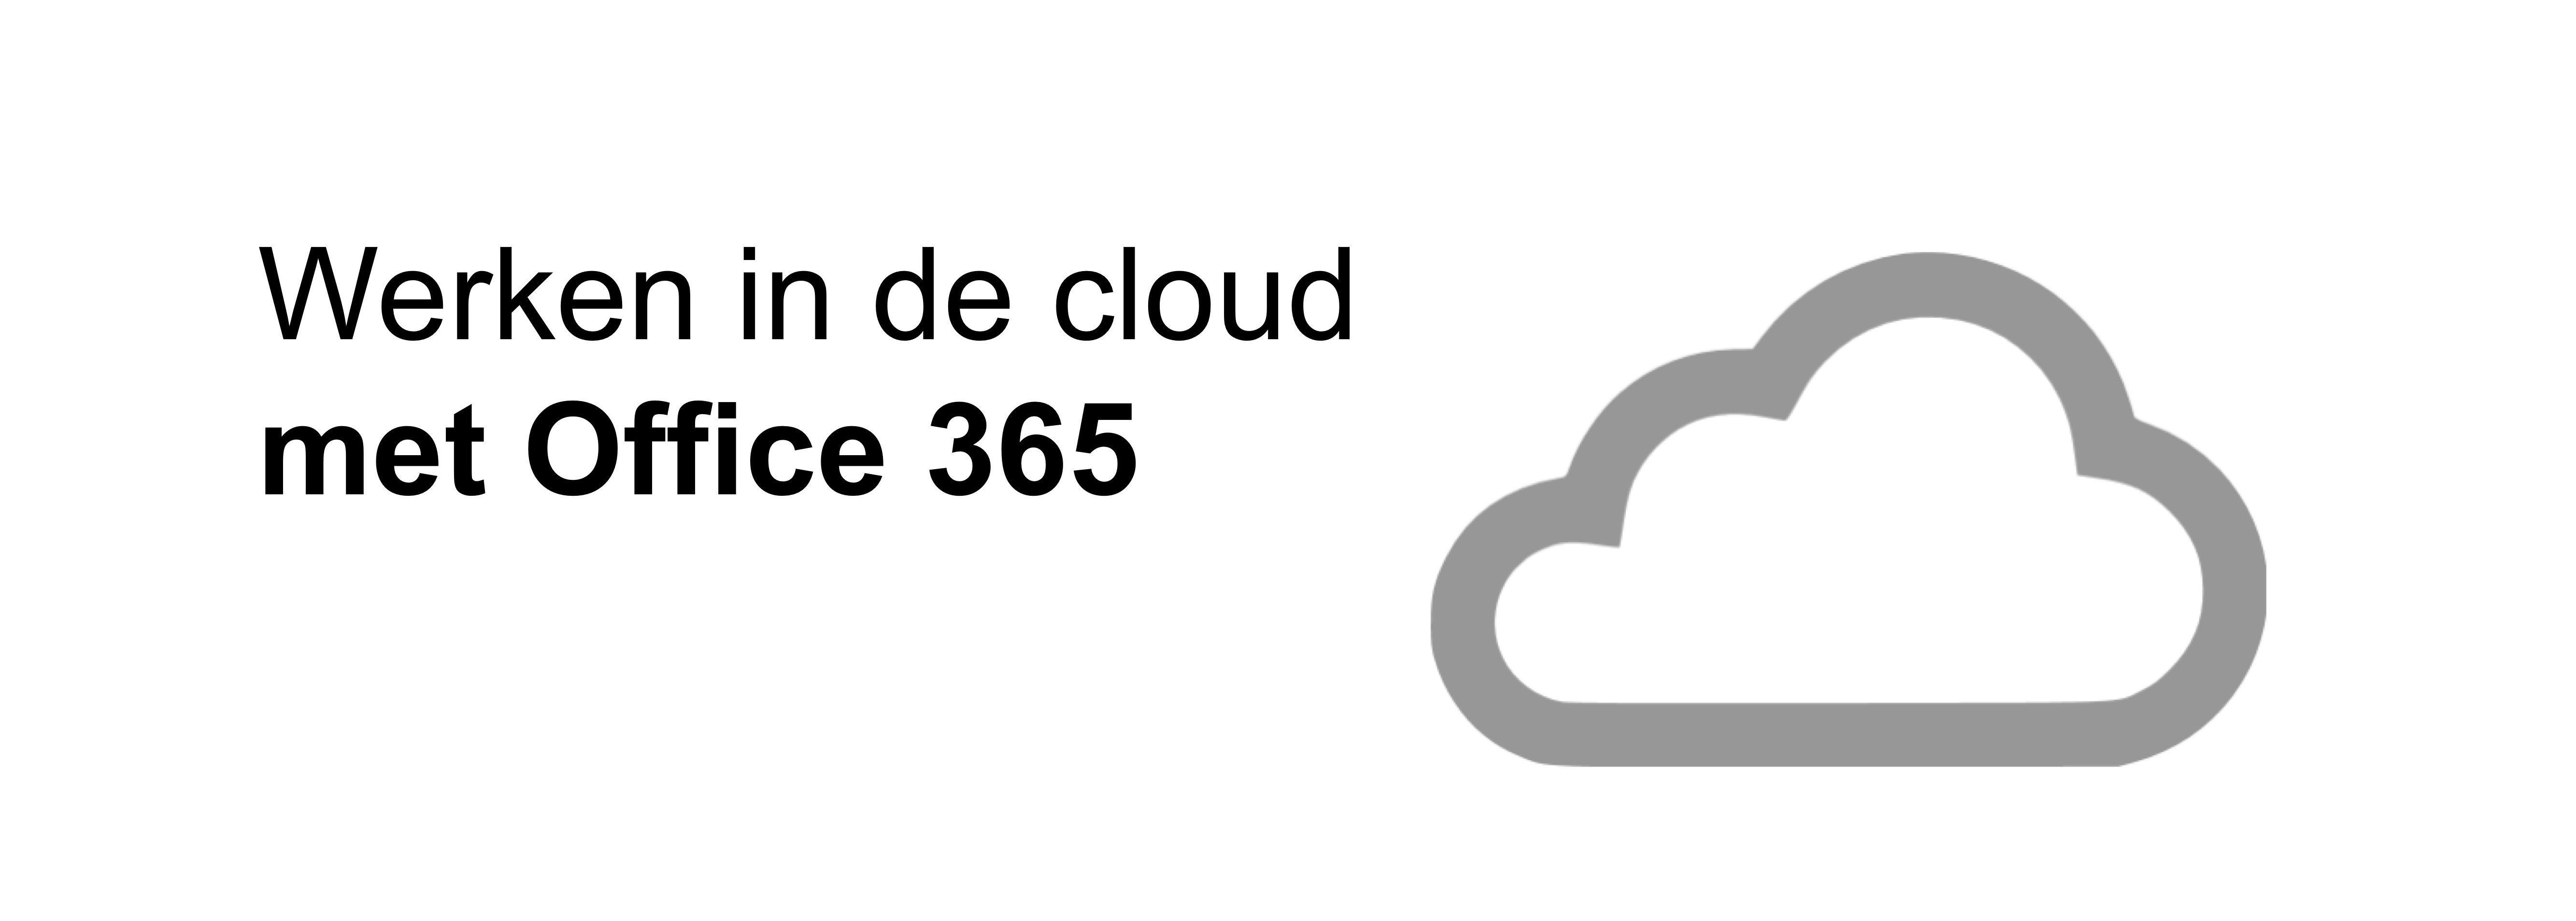 Werken in de cloud met Office 365 Cloud, Lesideeën, Werk